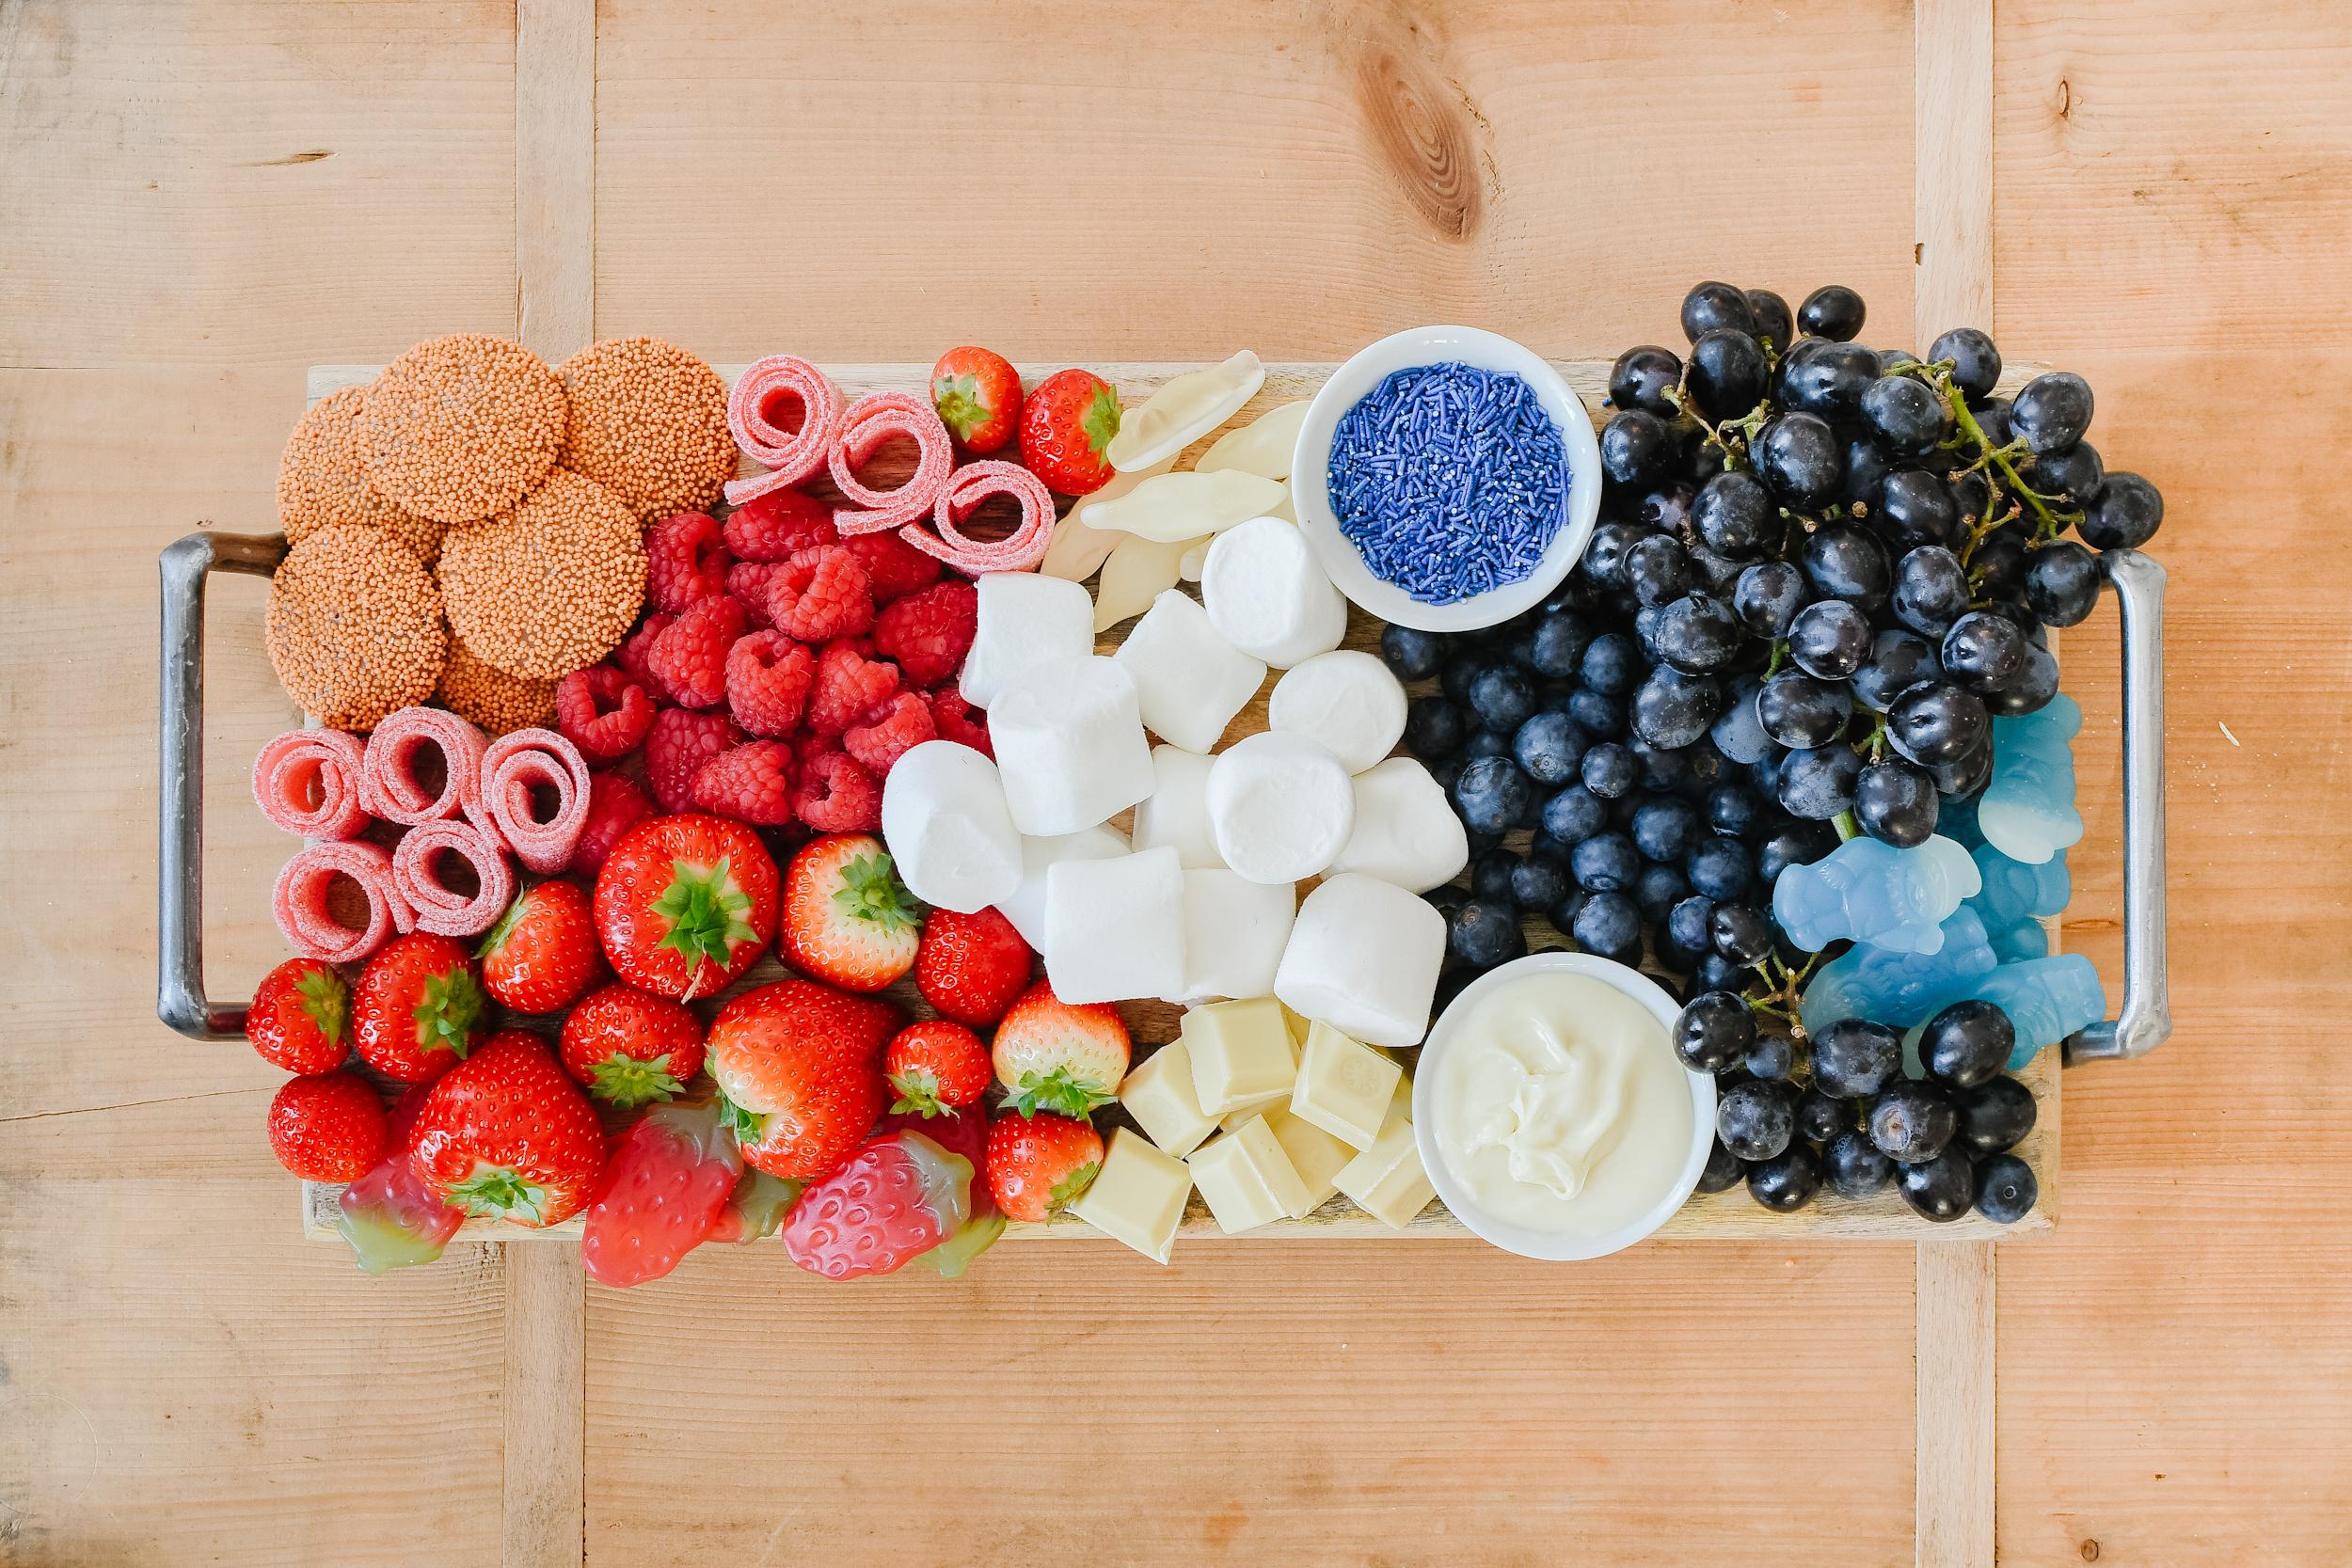 rood wit blauwe borrelplank voor koningsdag met snoep en fruit